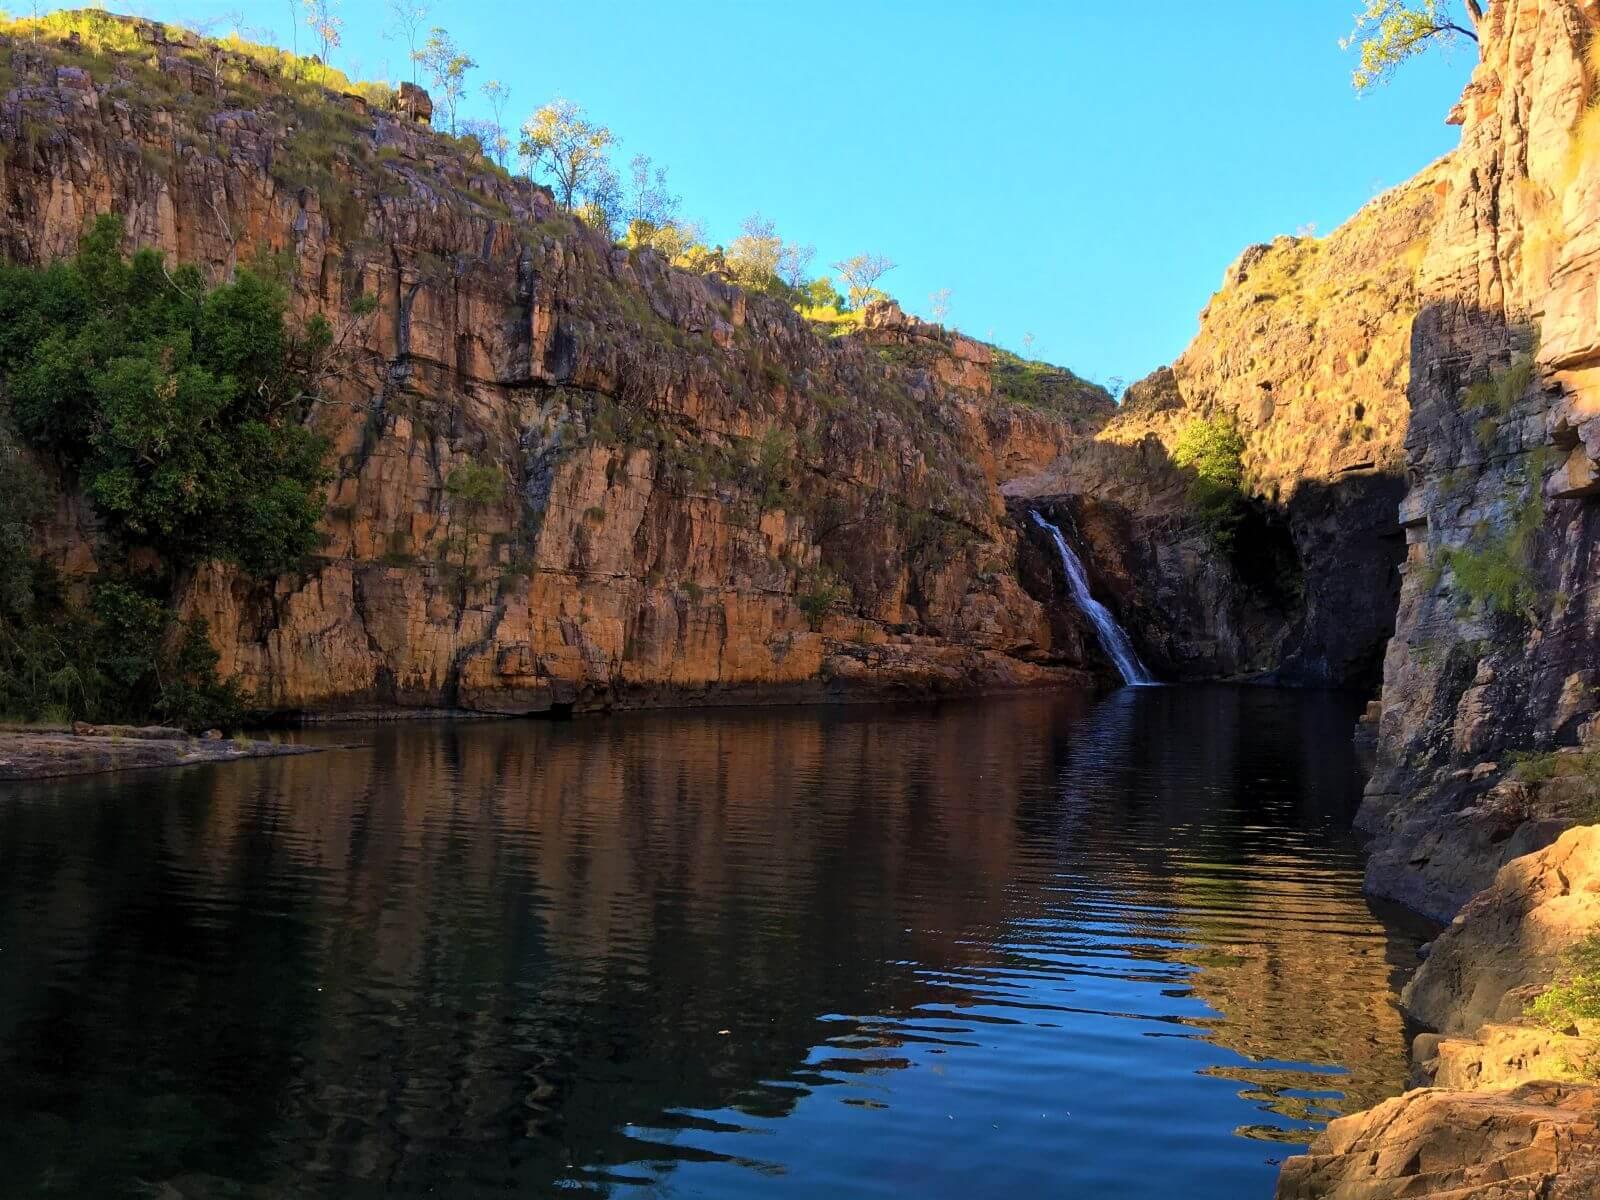 Schlucht in Australien mit Wasserfall - Die Maguk Gorge